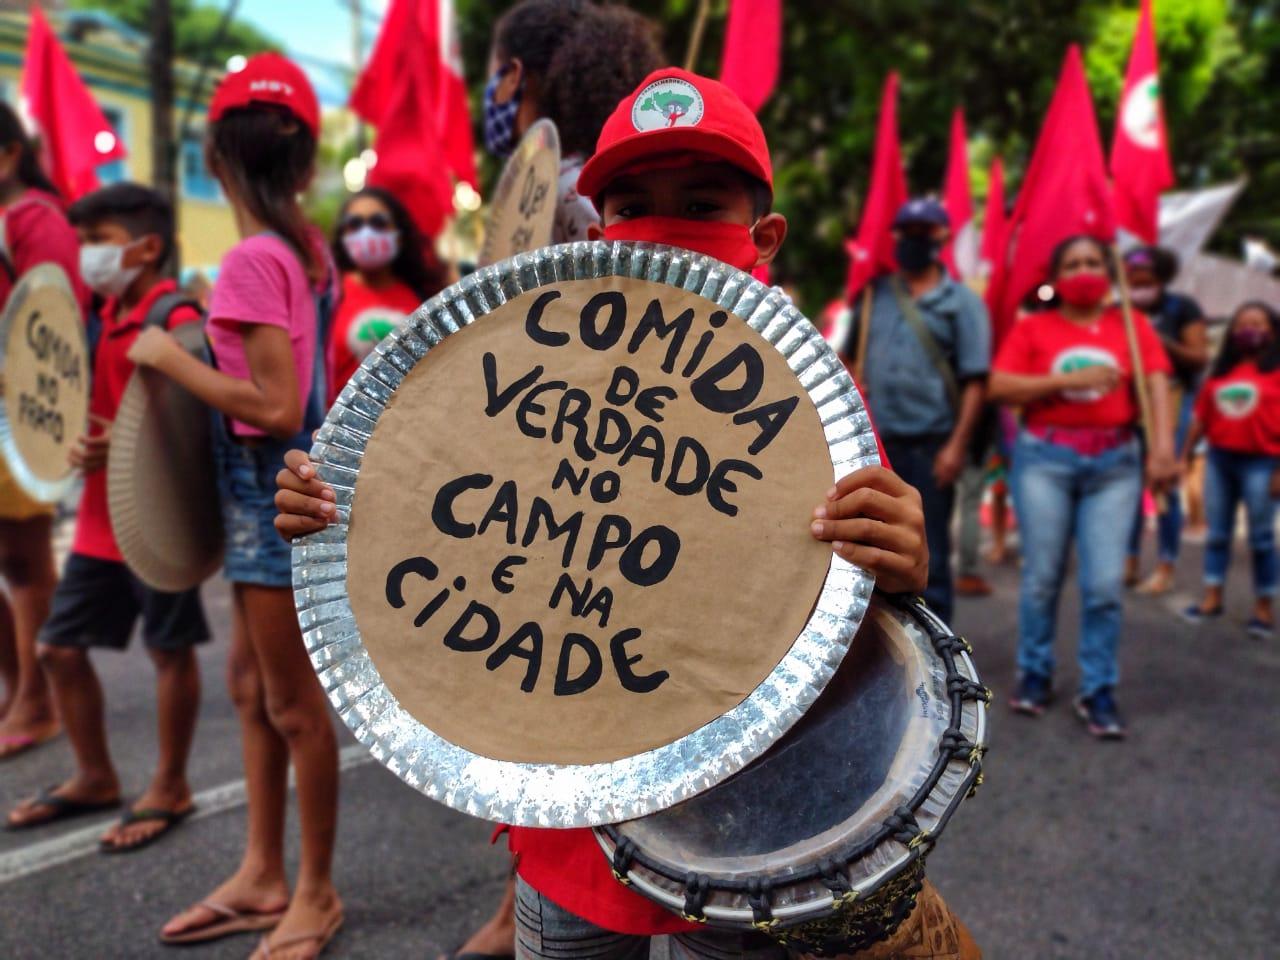 Congresso Nacional deve votar veto de Bolsonaro ao Projeto de Lei 823 contra a fome nesta segunda (27)